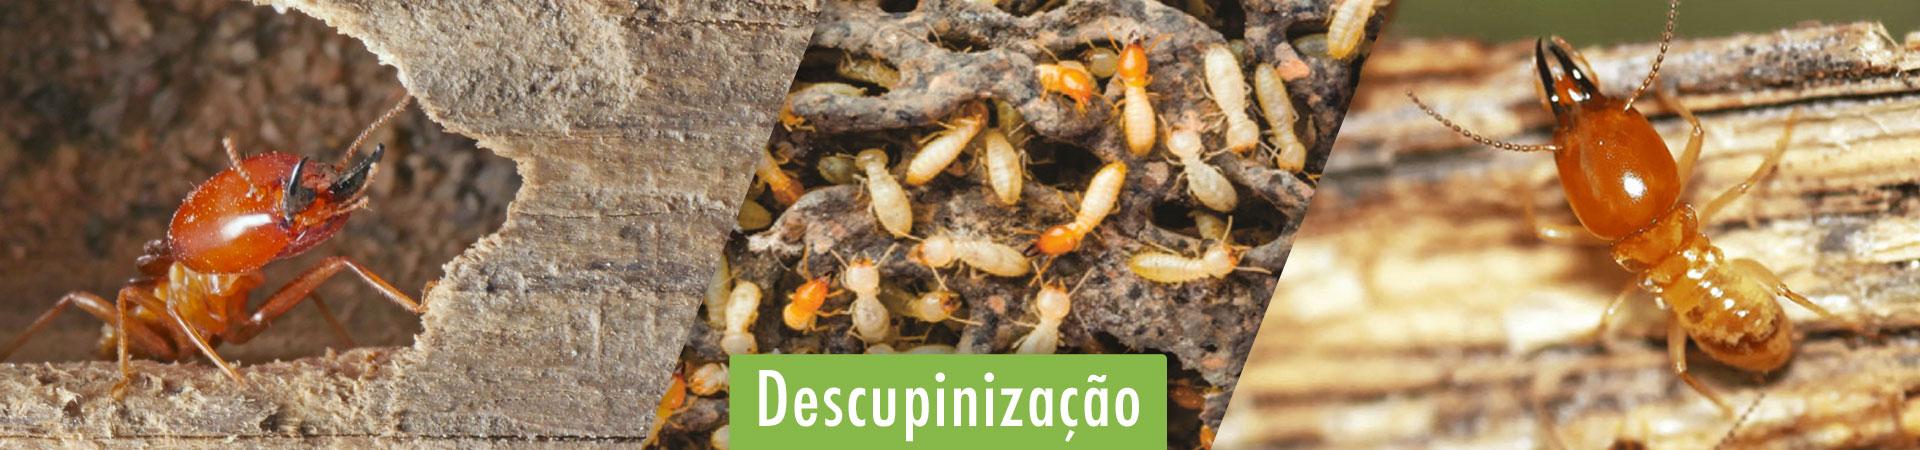 descupinizacao-em-braganca-paulista-sp